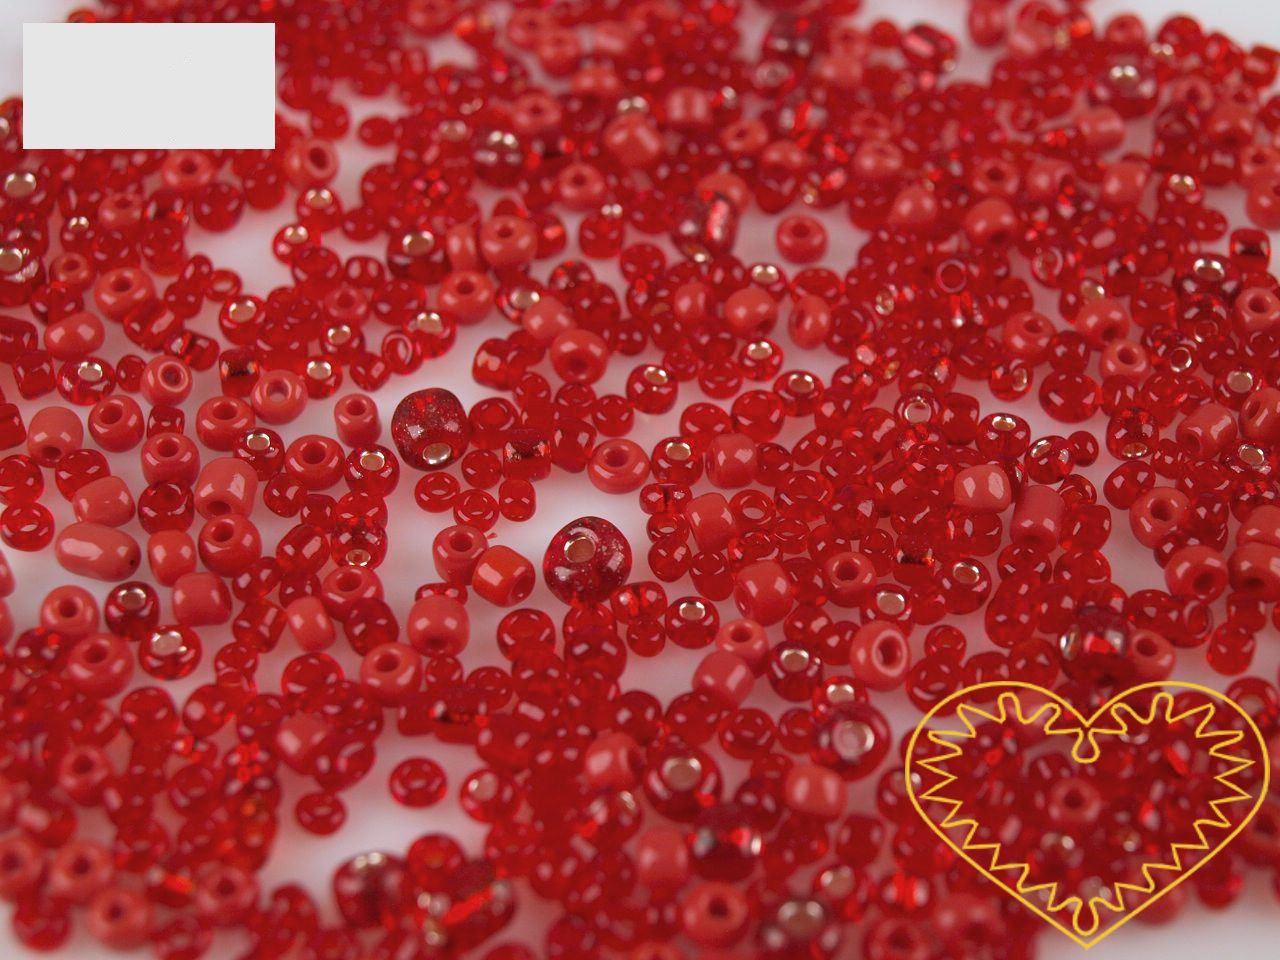 Červený mix skleněných korálků - balení 20 g. V mixu jsou obsaženy korálky velikosti 2, 3 a 4 mm v červené barvě různých odstínů. Korálky jsou vhodné pro tvoření s dětmi, pro výrobu bižuterie i dalších ozdob.